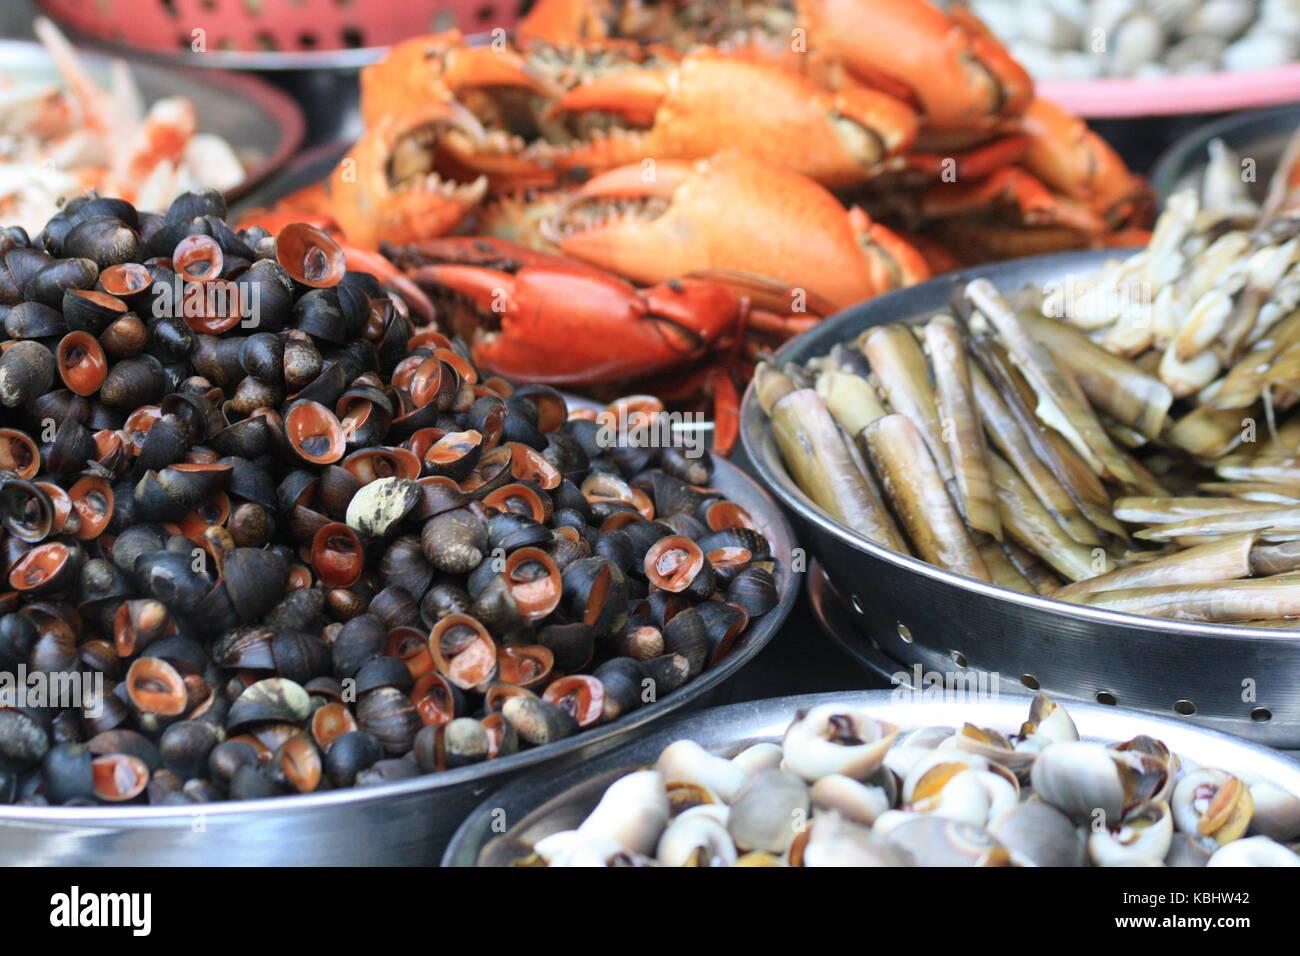 Muscheln und Schnecken auf Markt in Vietnam - Stock Image